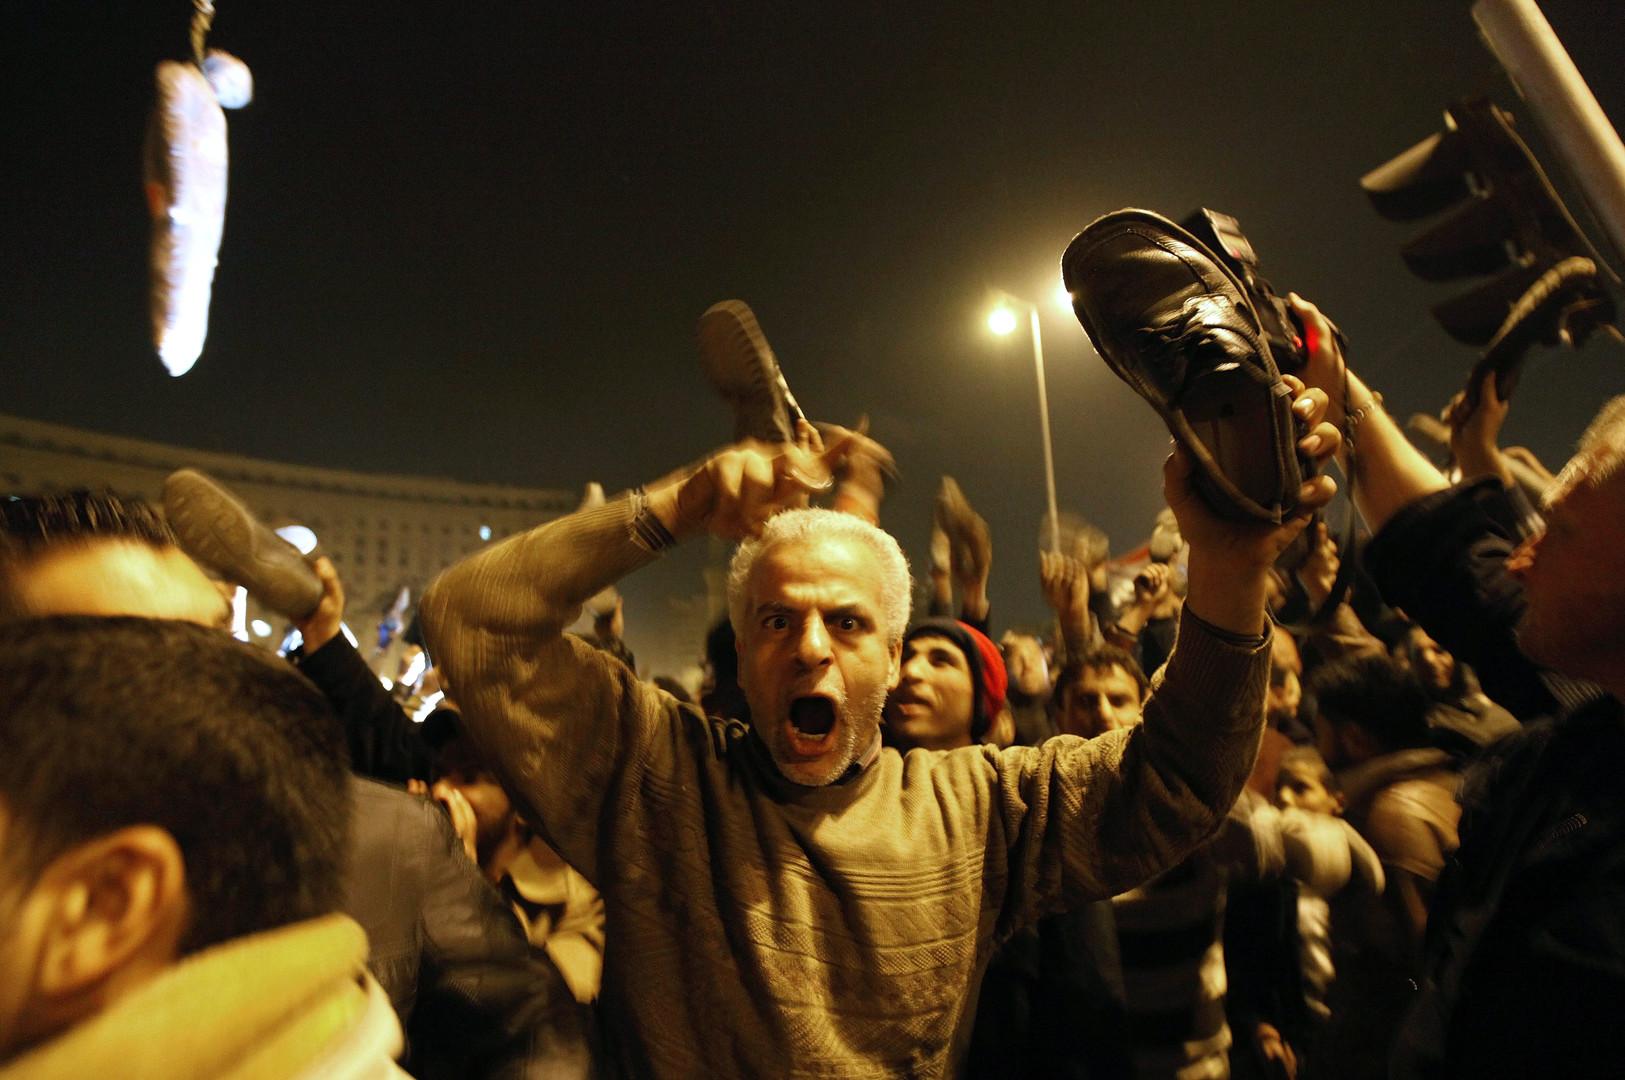 Im Andenken an den Journalisten, der bei einer Presskonferenz den amerikanischen Präsidenten George Bush mit einem Schuh bewarf, wird der Schuh zum viralen Ausdruck der Proteste.